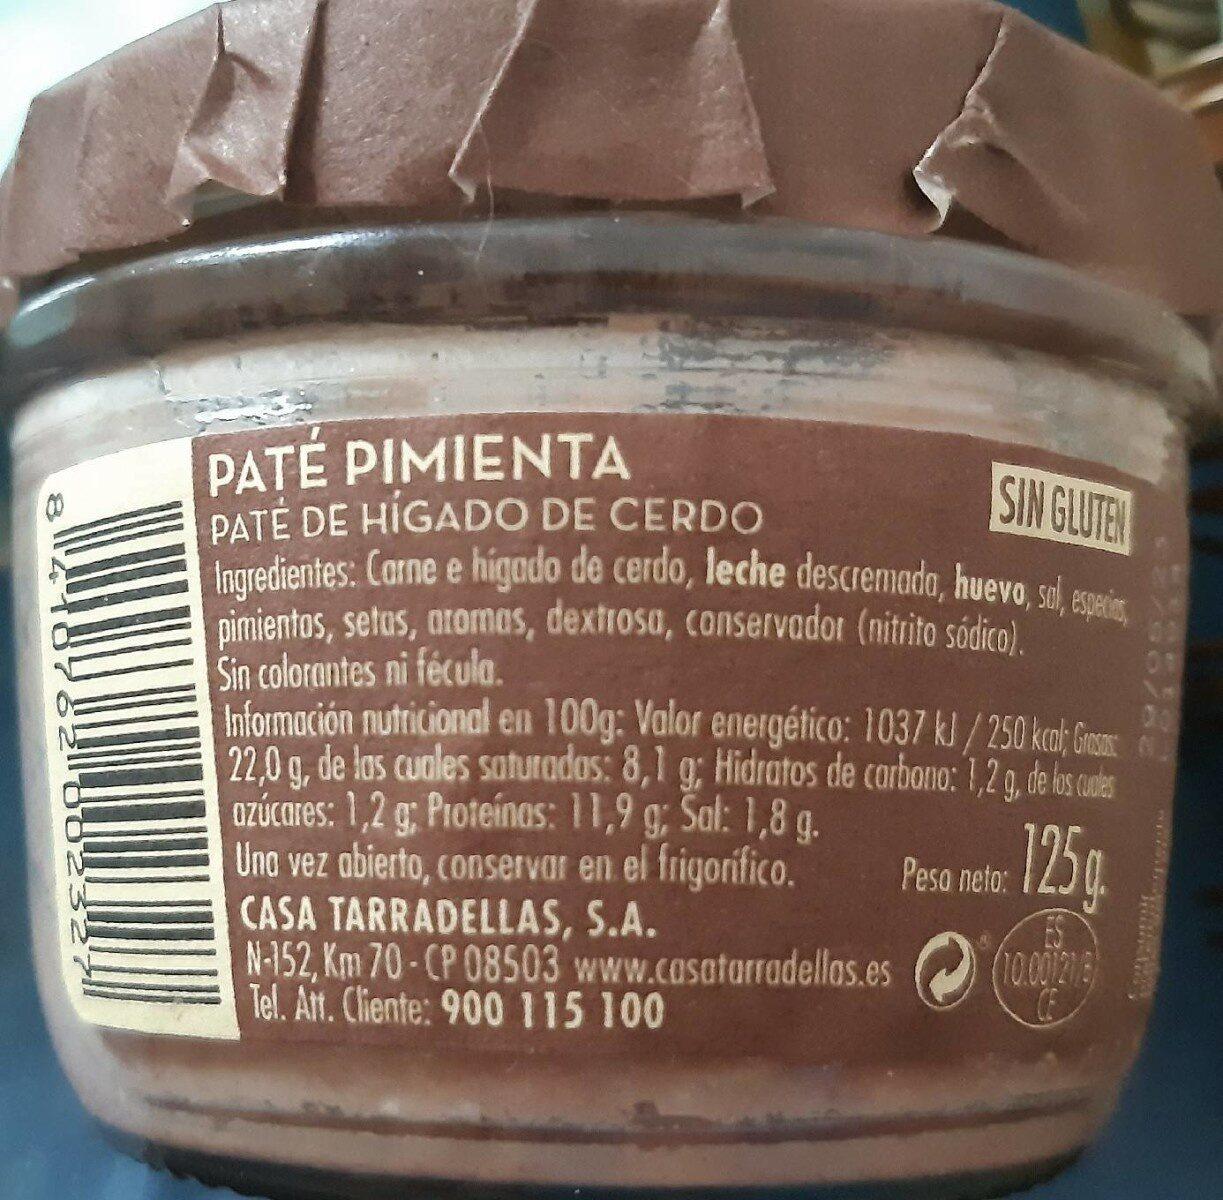 Patè Pimienta - Nutrition facts - fr